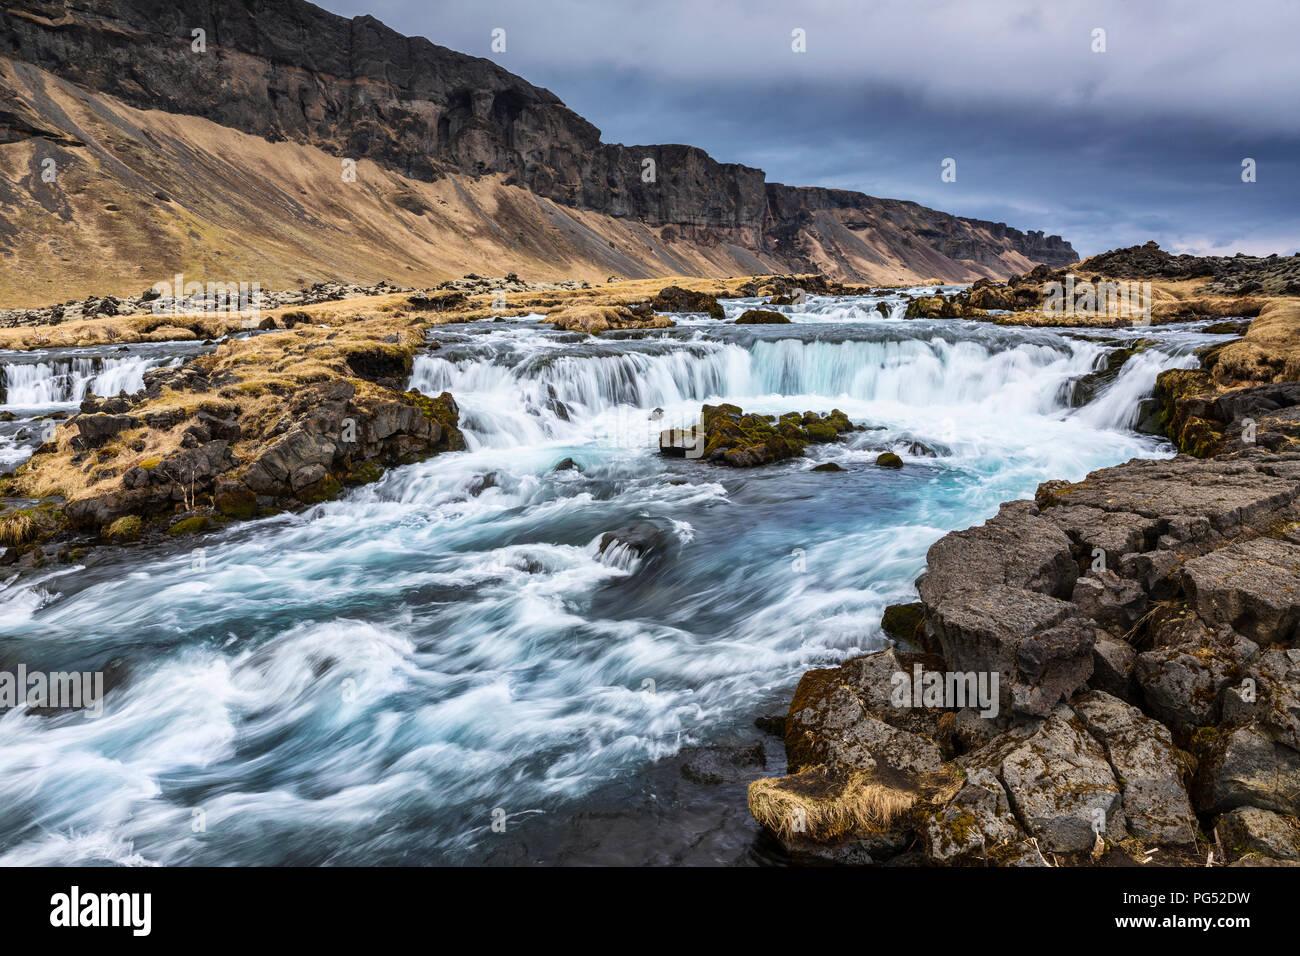 Cascate vicino alla strada Pjodvegur nella regione meridionale di Islanda Foto Stock